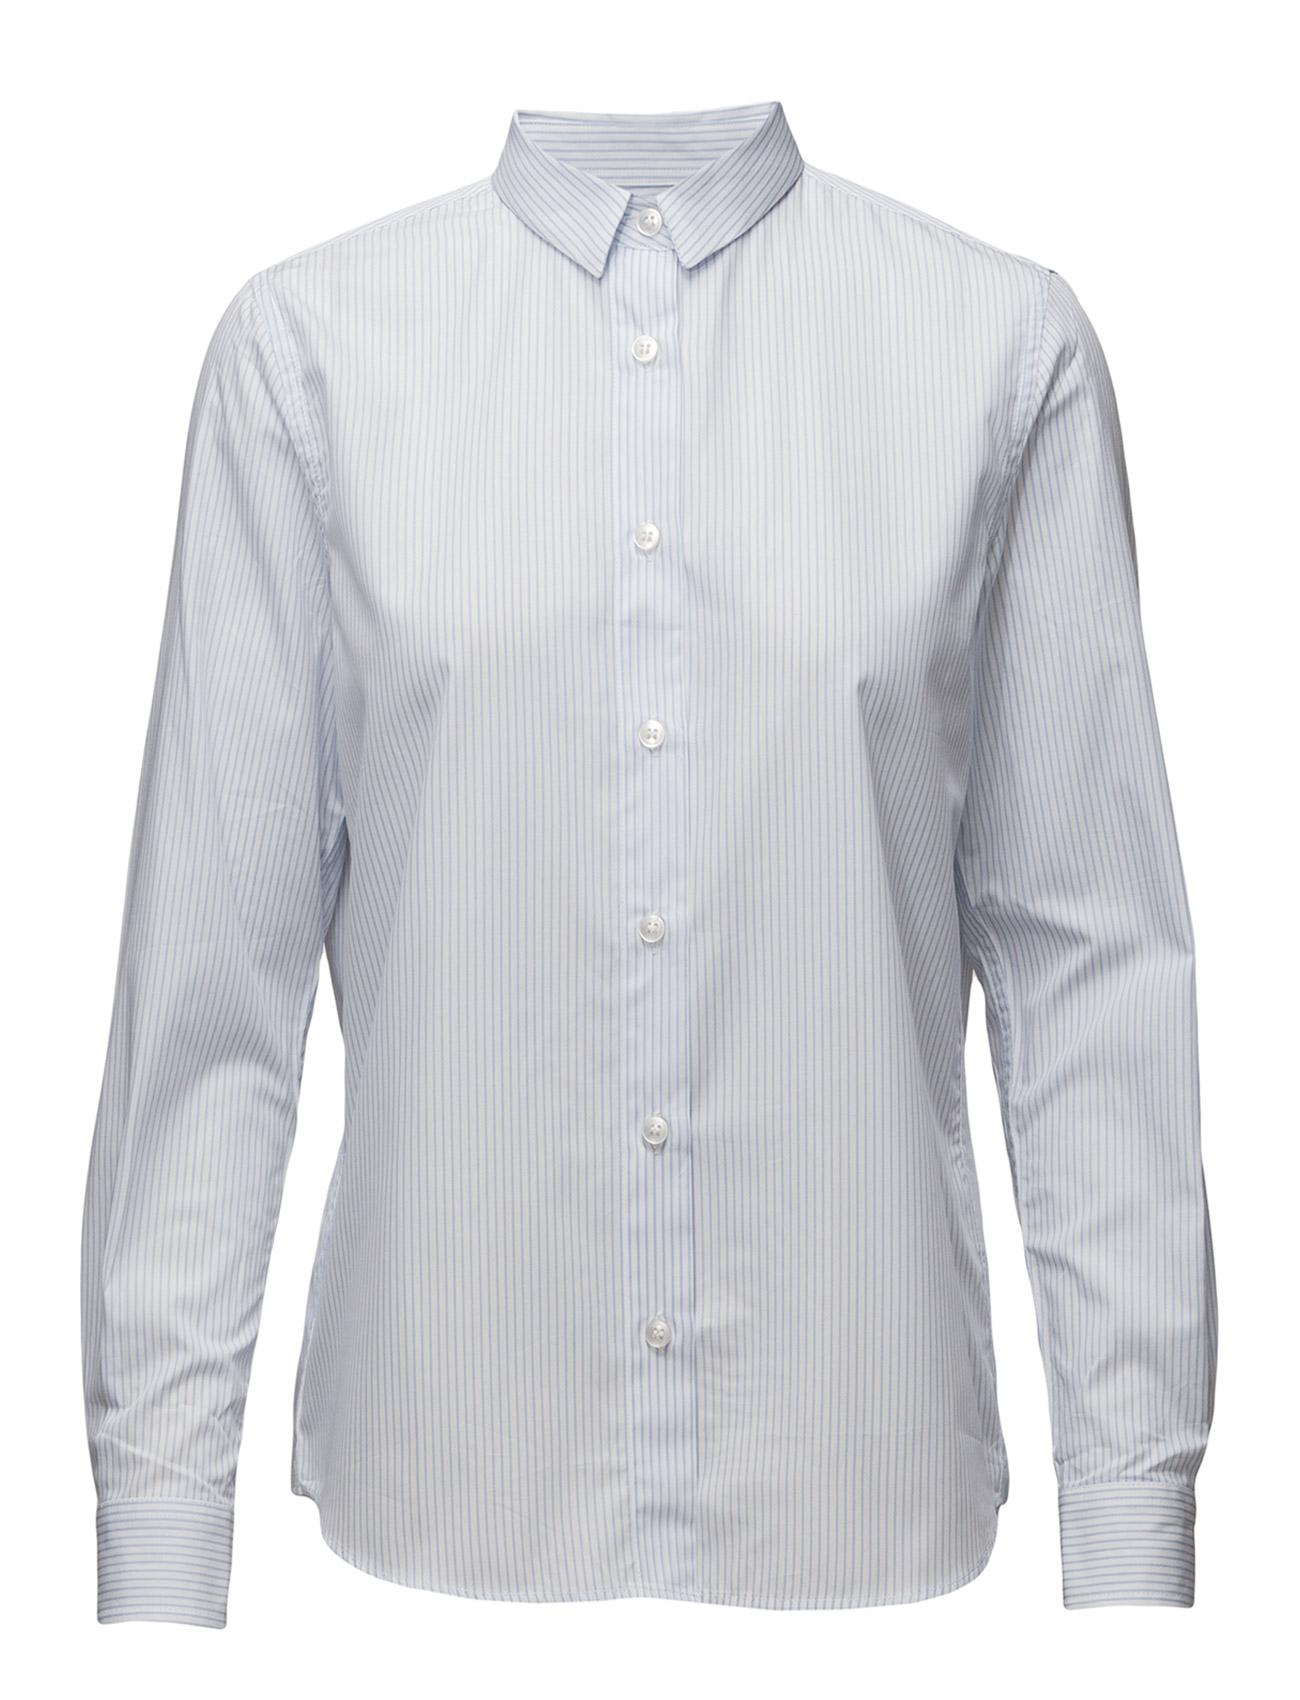 Cleo Shirt Stig P Trøjer til Kvinder i